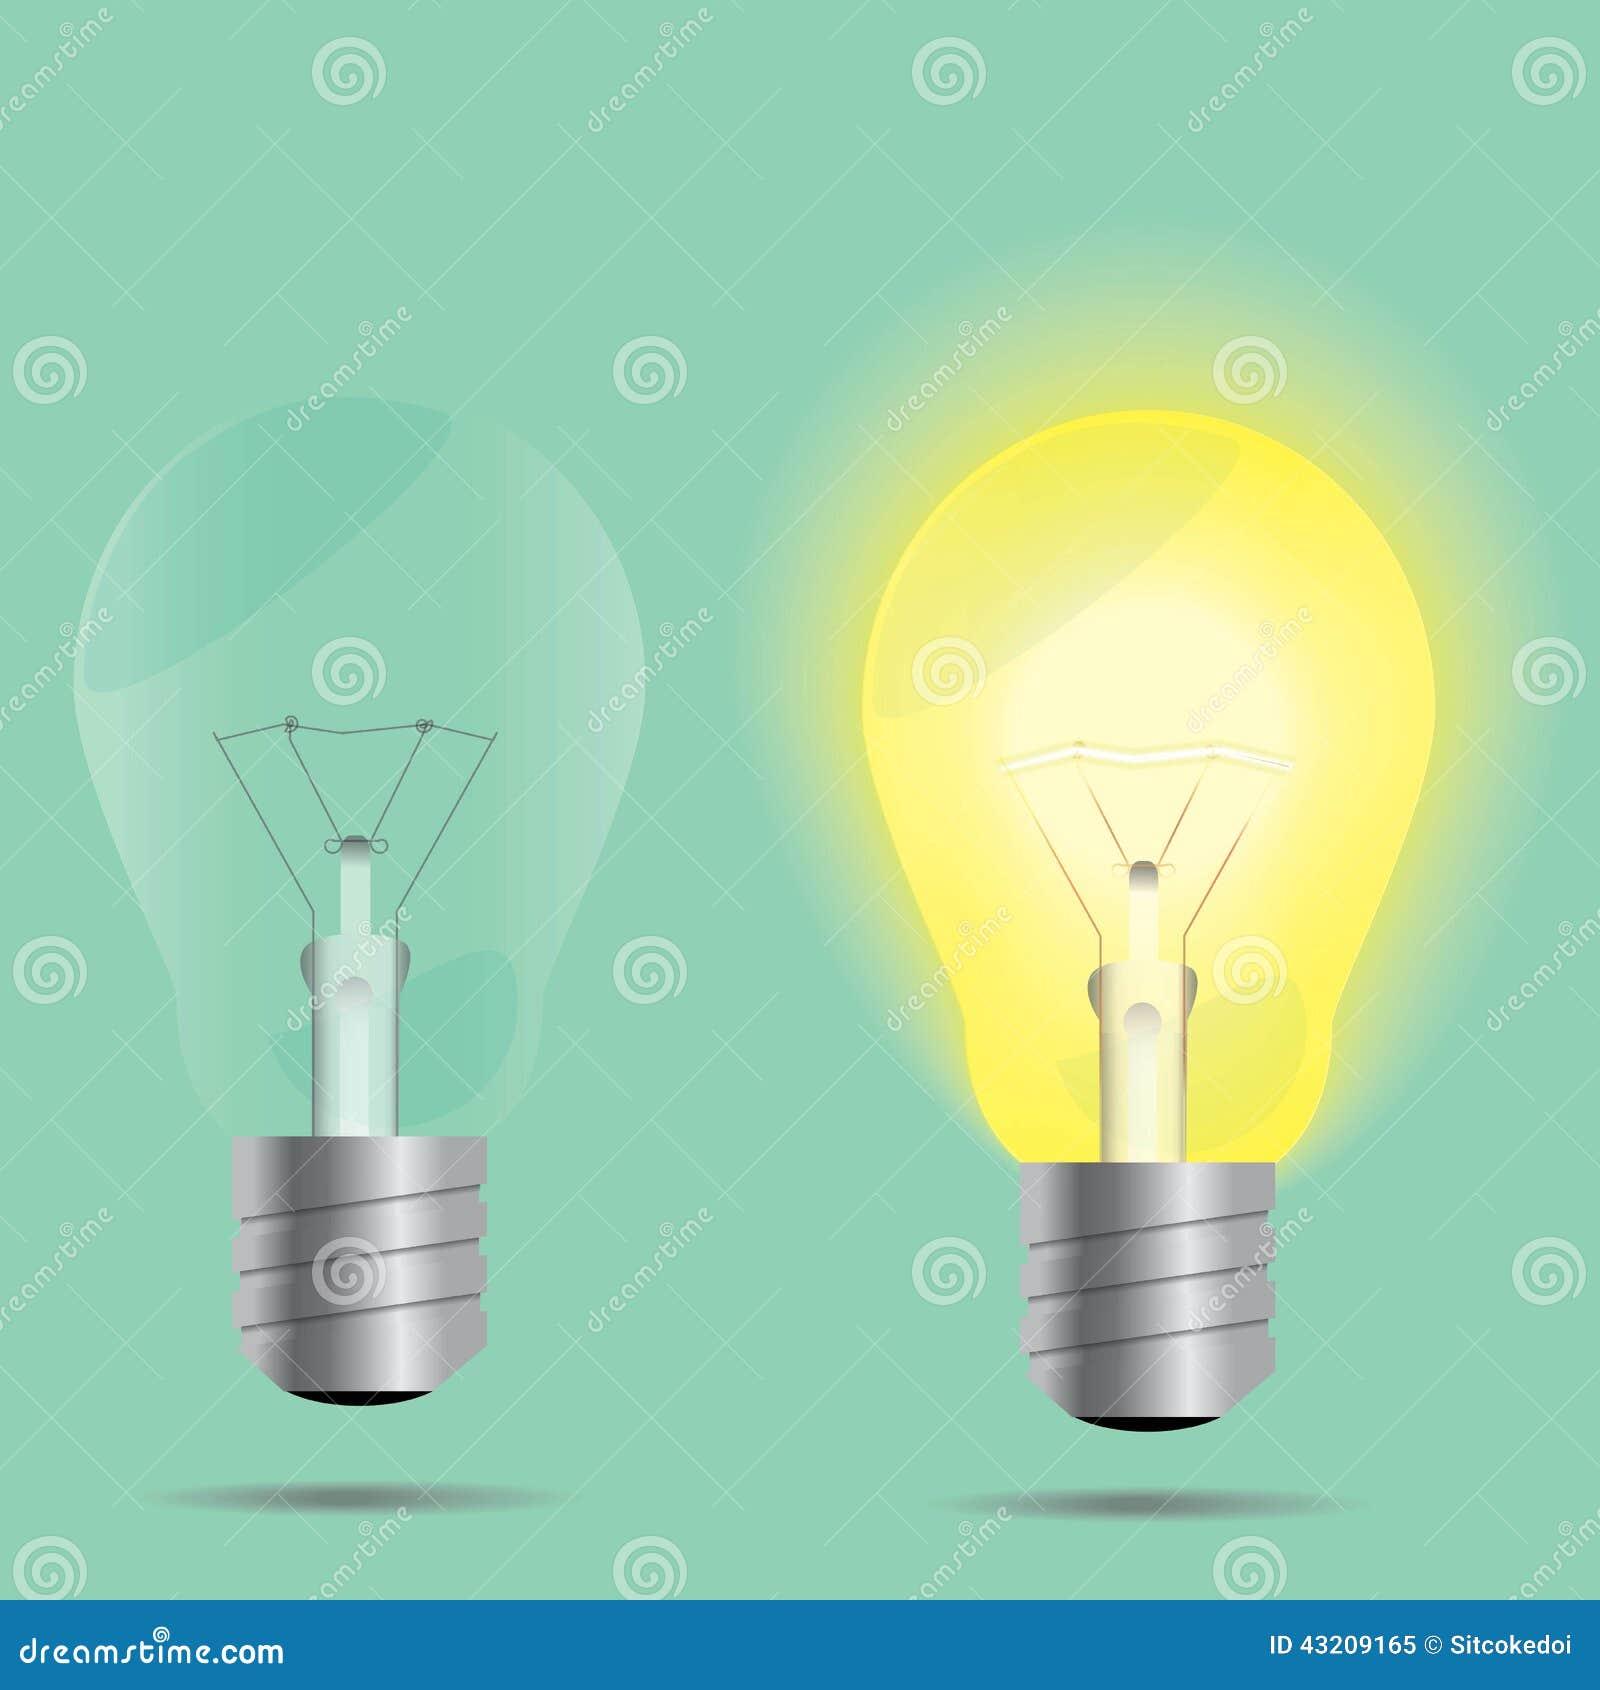 Download Lampa vektor illustrationer. Illustration av fantasi - 43209165